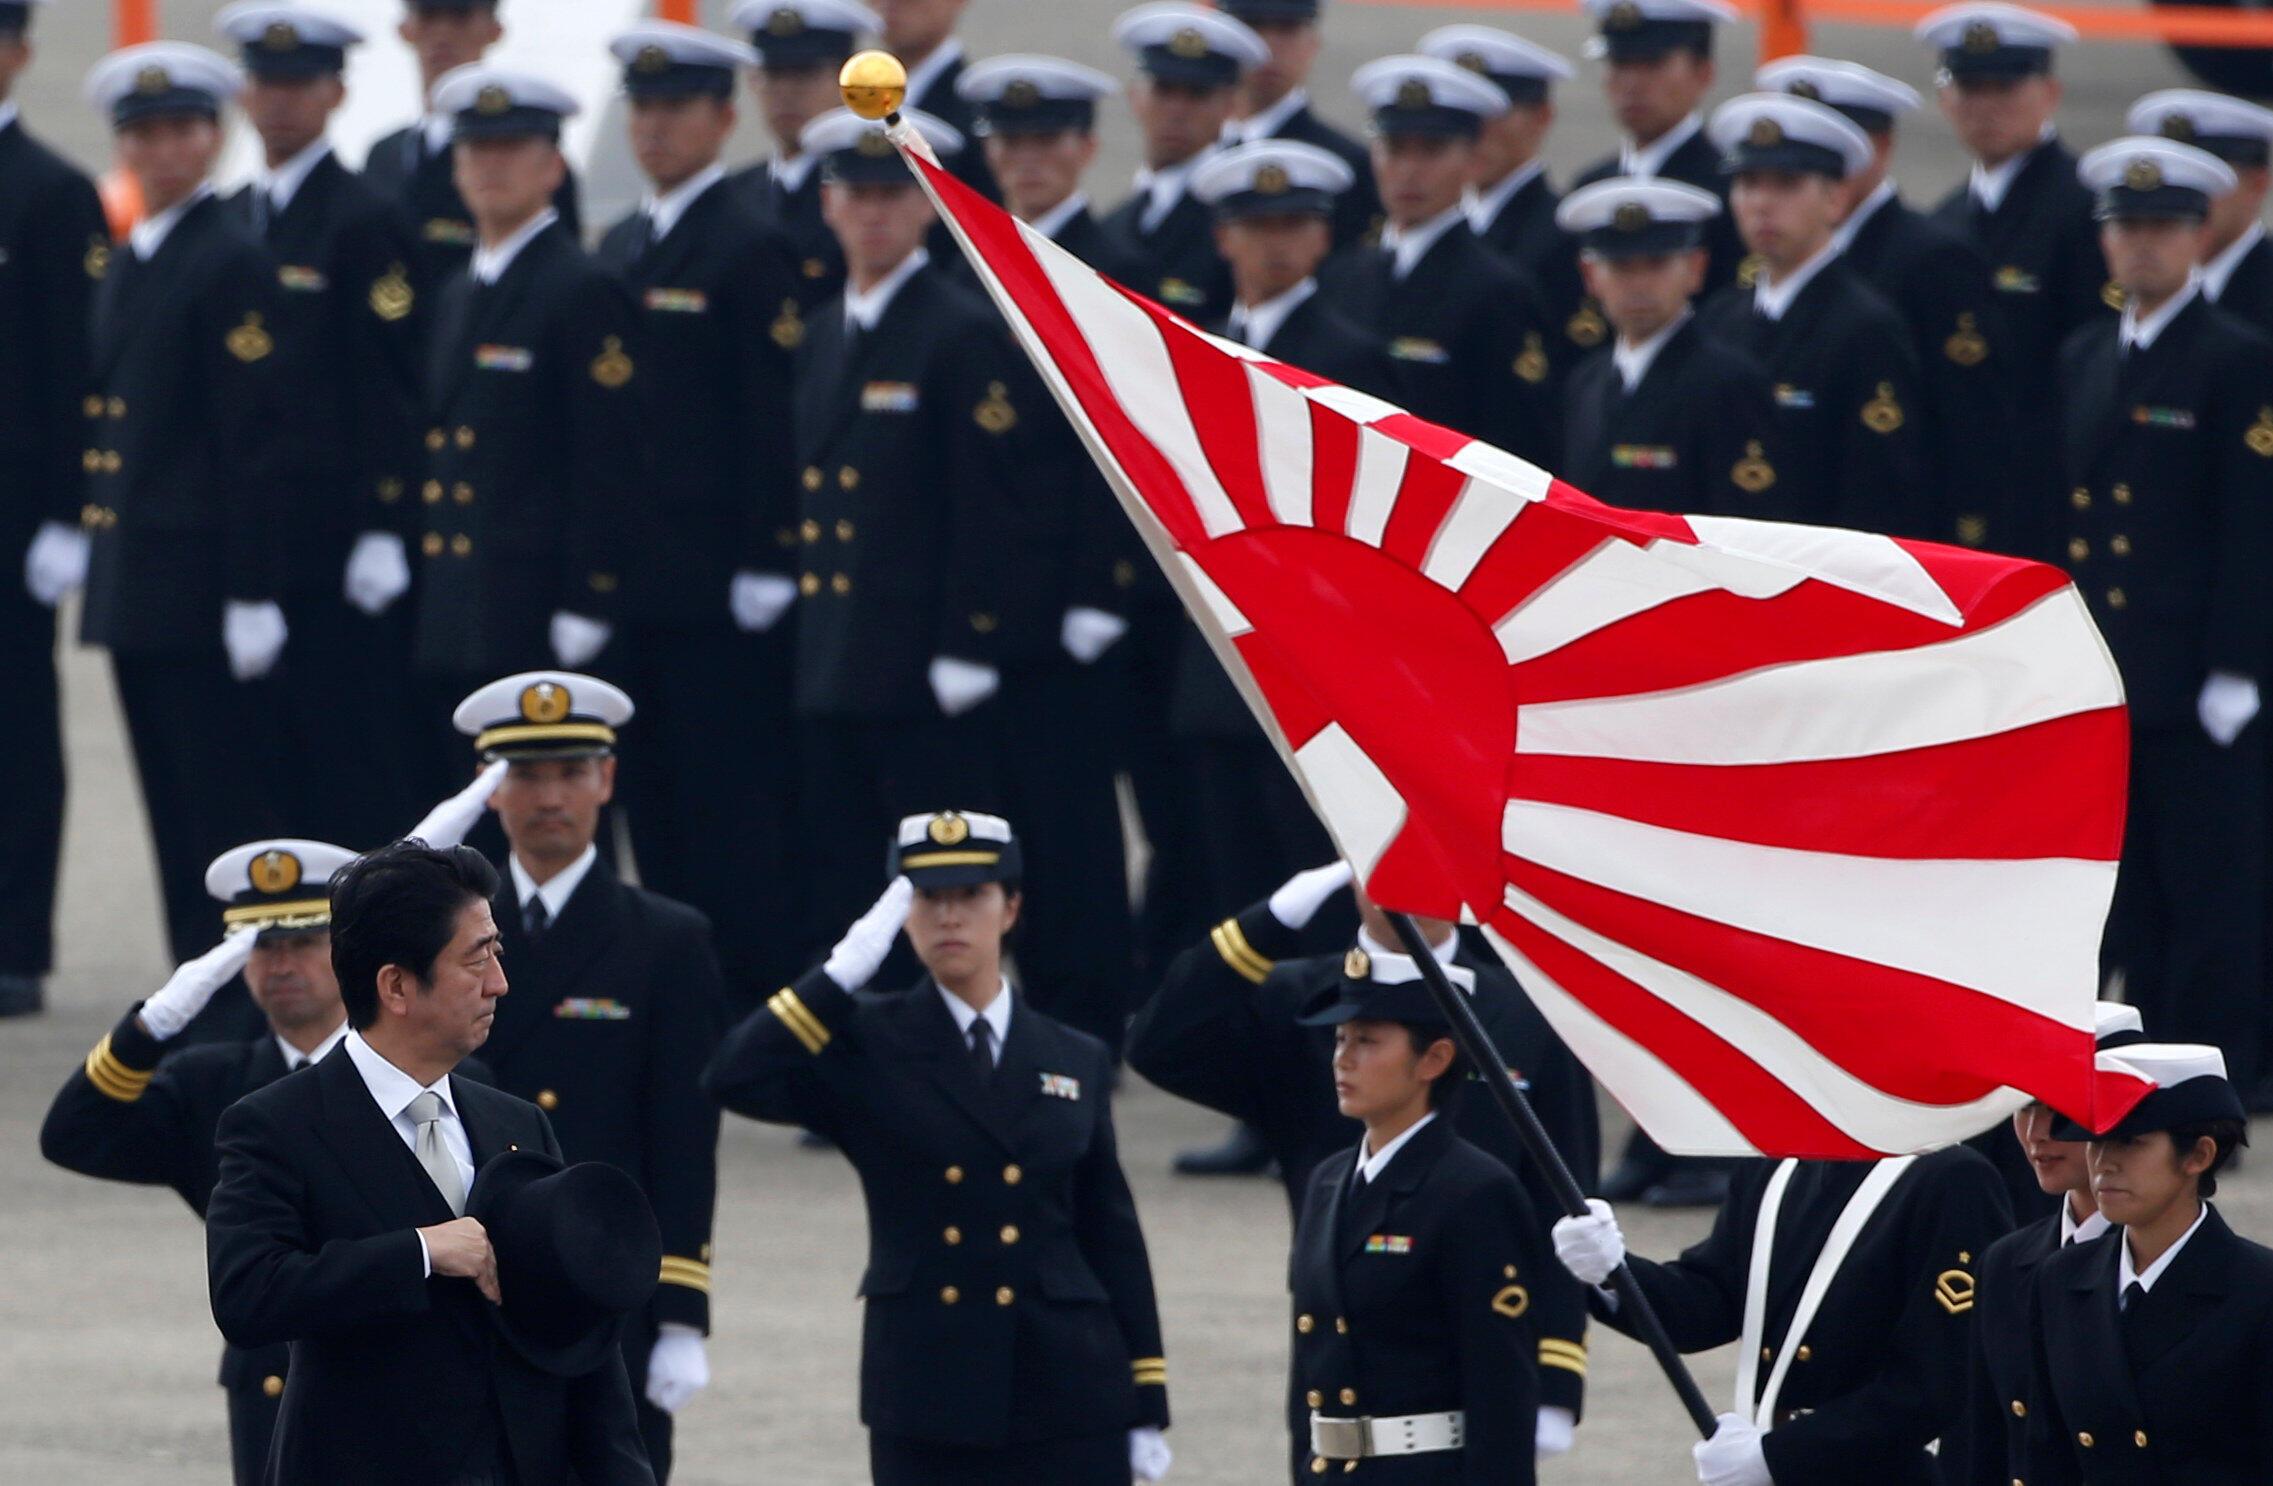 Thủ tướng Nhật Bản Shinzo Abe tại căn cứ không quân Hyakuri ở Omitama, phía đông bắc Tokyo ngày 26/10/2014.